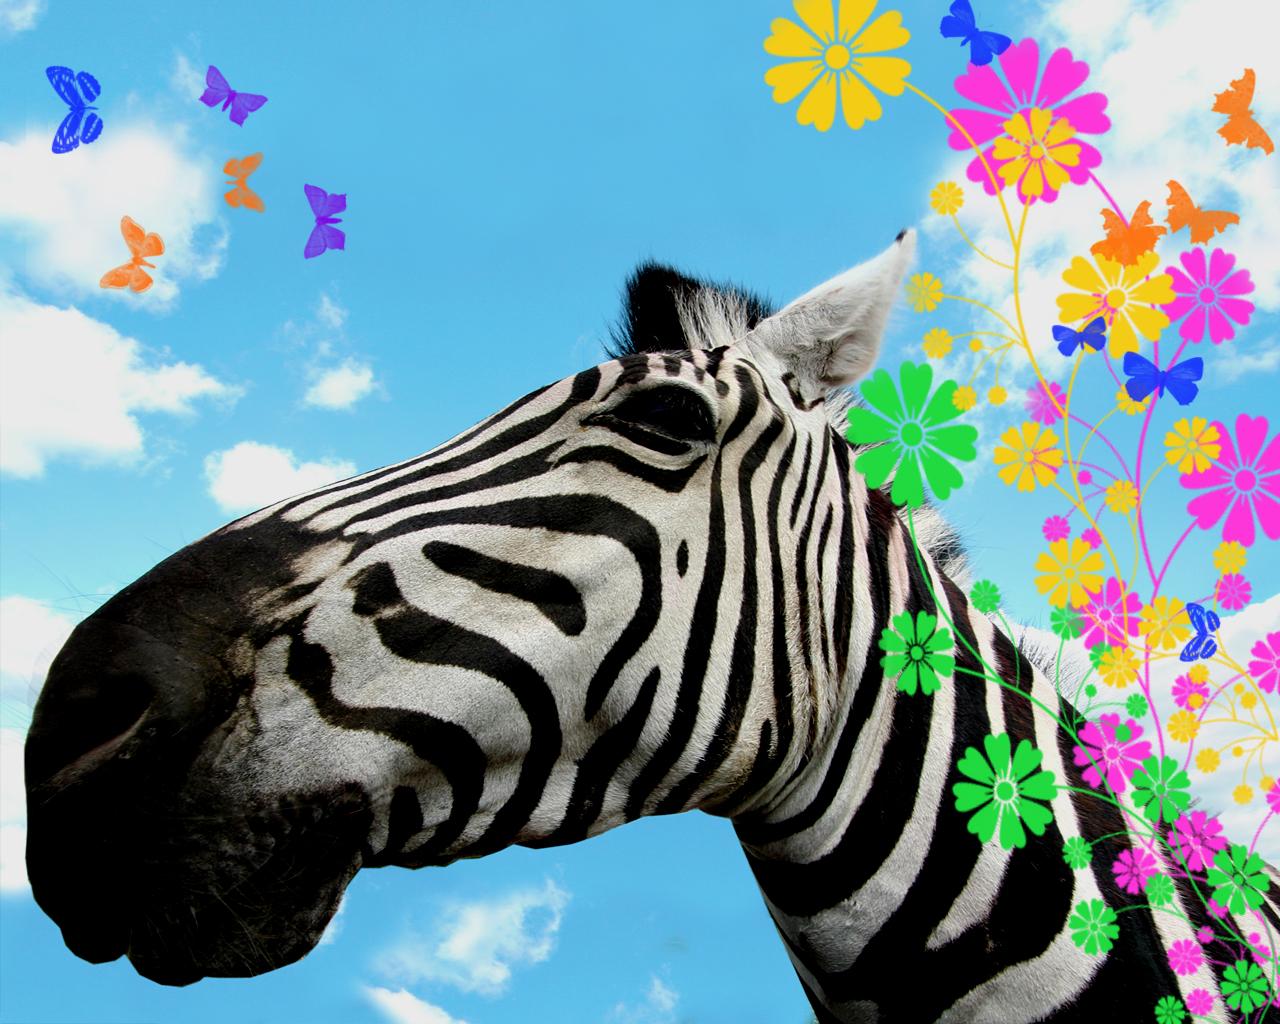 http://2.bp.blogspot.com/_14grgzfQGYA/TPCIy9Nq82I/AAAAAAAACK4/JcG5XfUDWTo/s1600/abstract-zebra-1280x1024-08.jpg